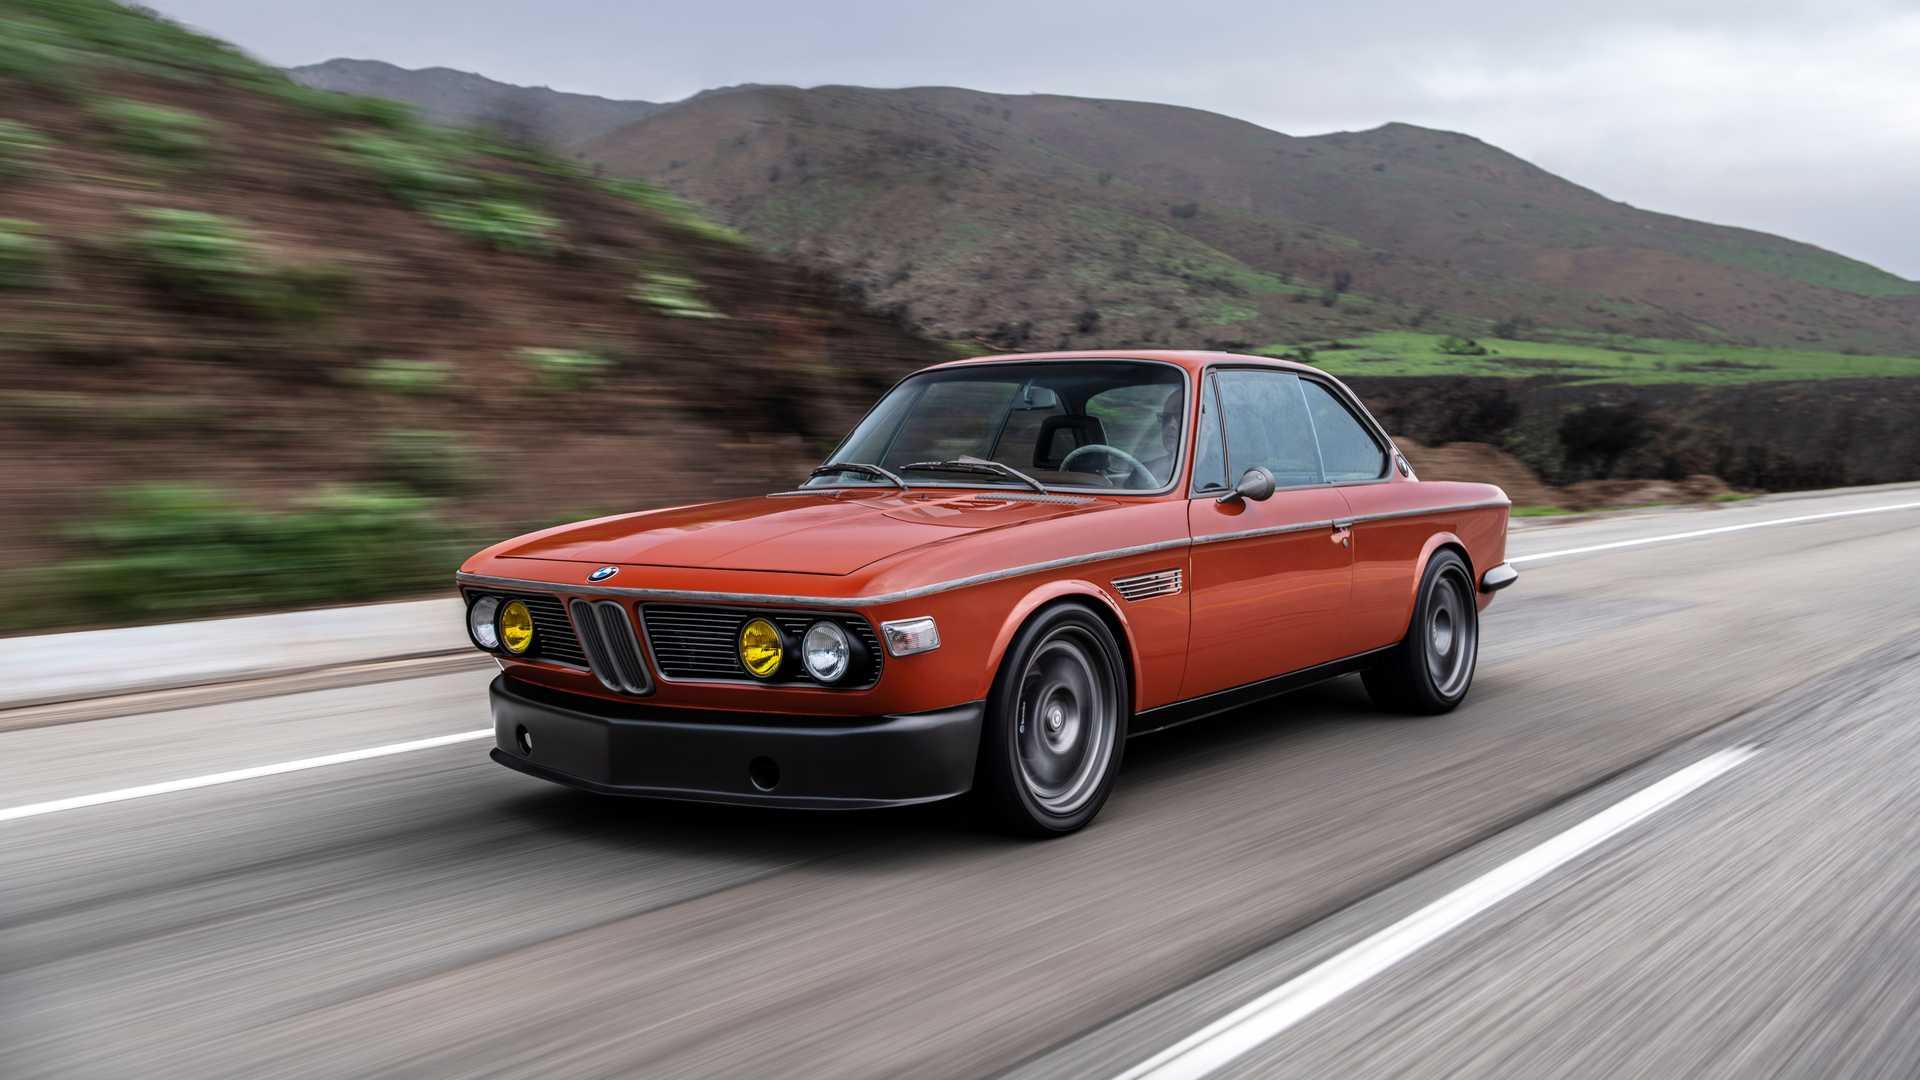 """<img src=""""bmw.jpg"""" alt=""""A 1974 BMW 3.0 CS built for Robert Downey Jr. by SpeedKore"""">"""